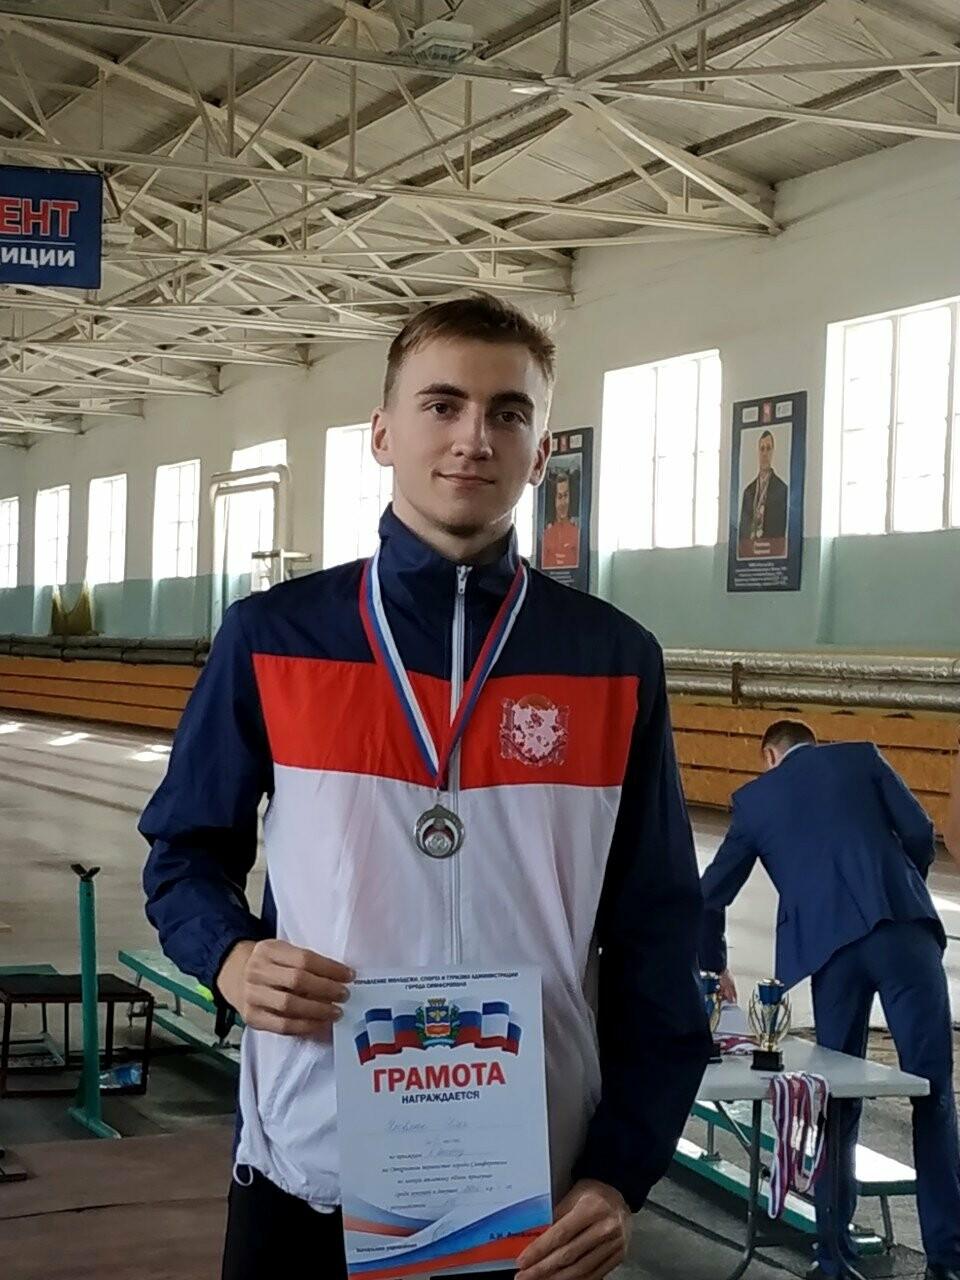 В активе спортсменов из Ялты 15 медалей соревнований по легкоатлетическим прыжкам, фото-3